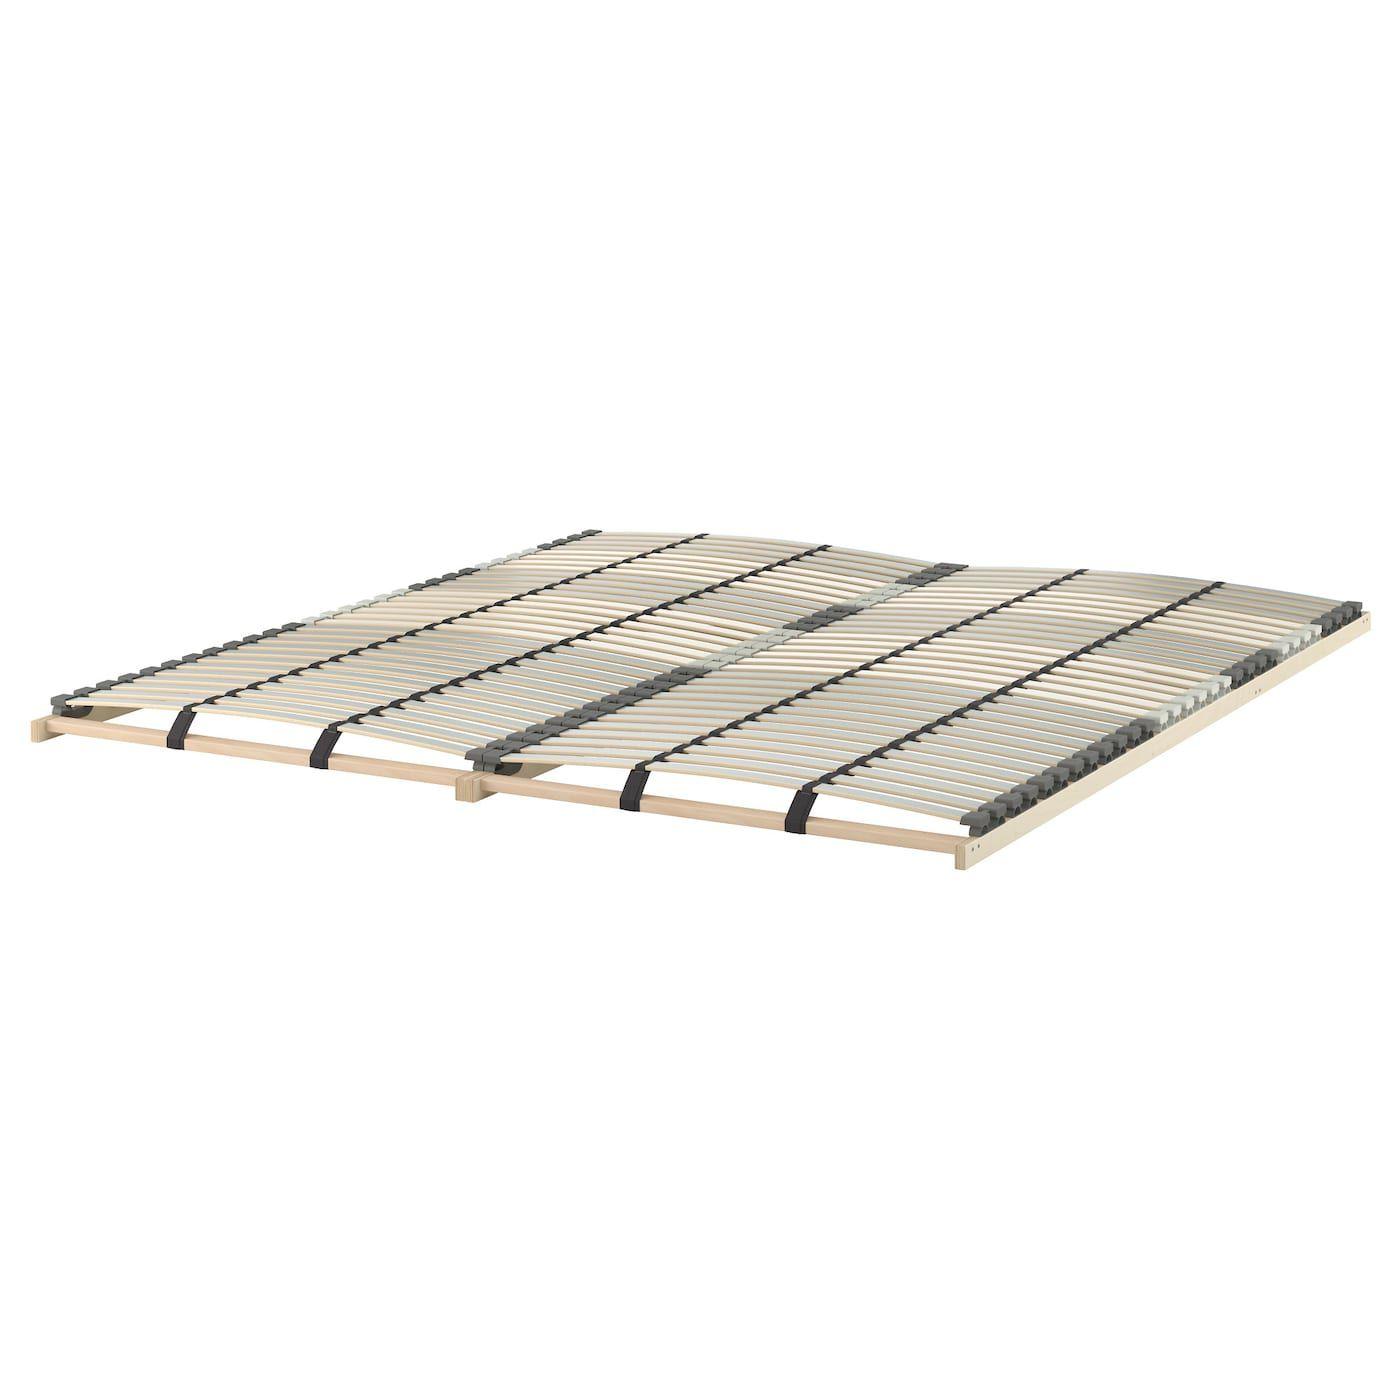 Slatted Bed Base Lonset Bed Frame With Storage Bed Slats High